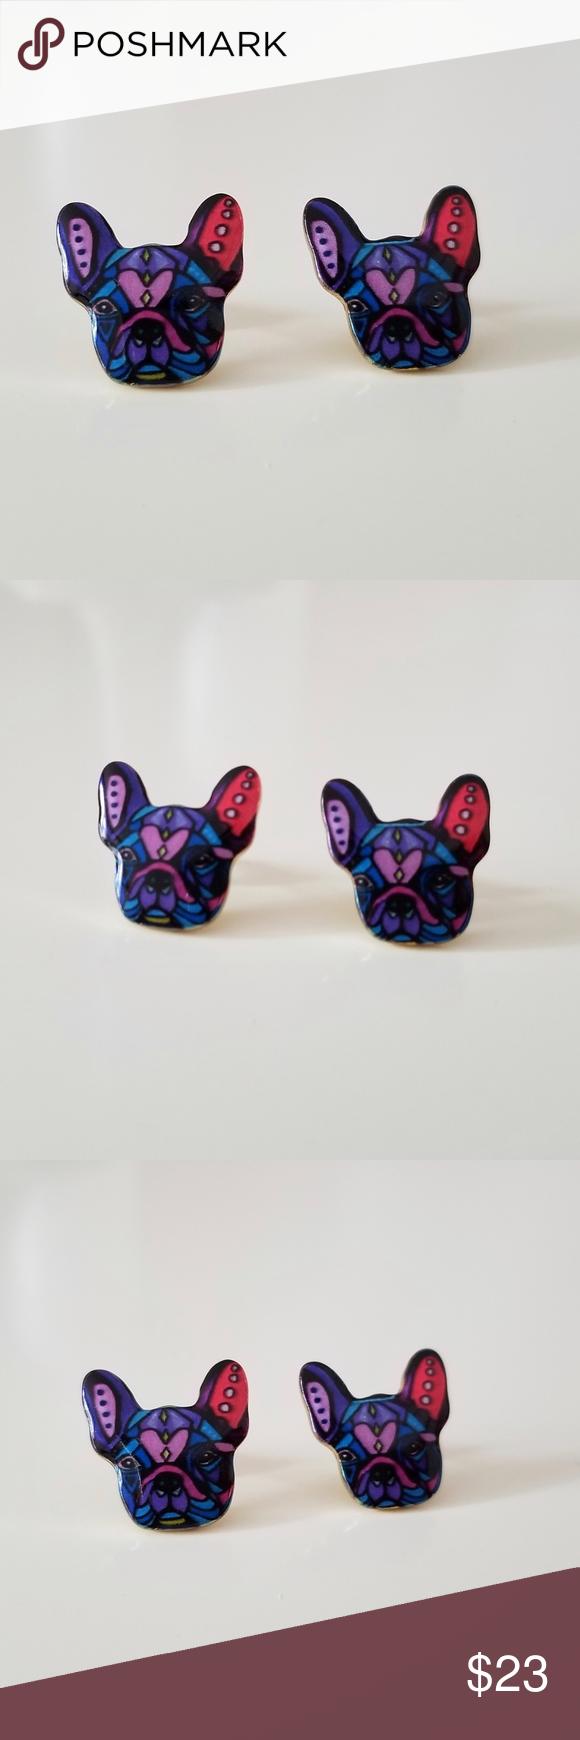 NEW Cute Stud French Bulldog Dog Earrings Dog earrings